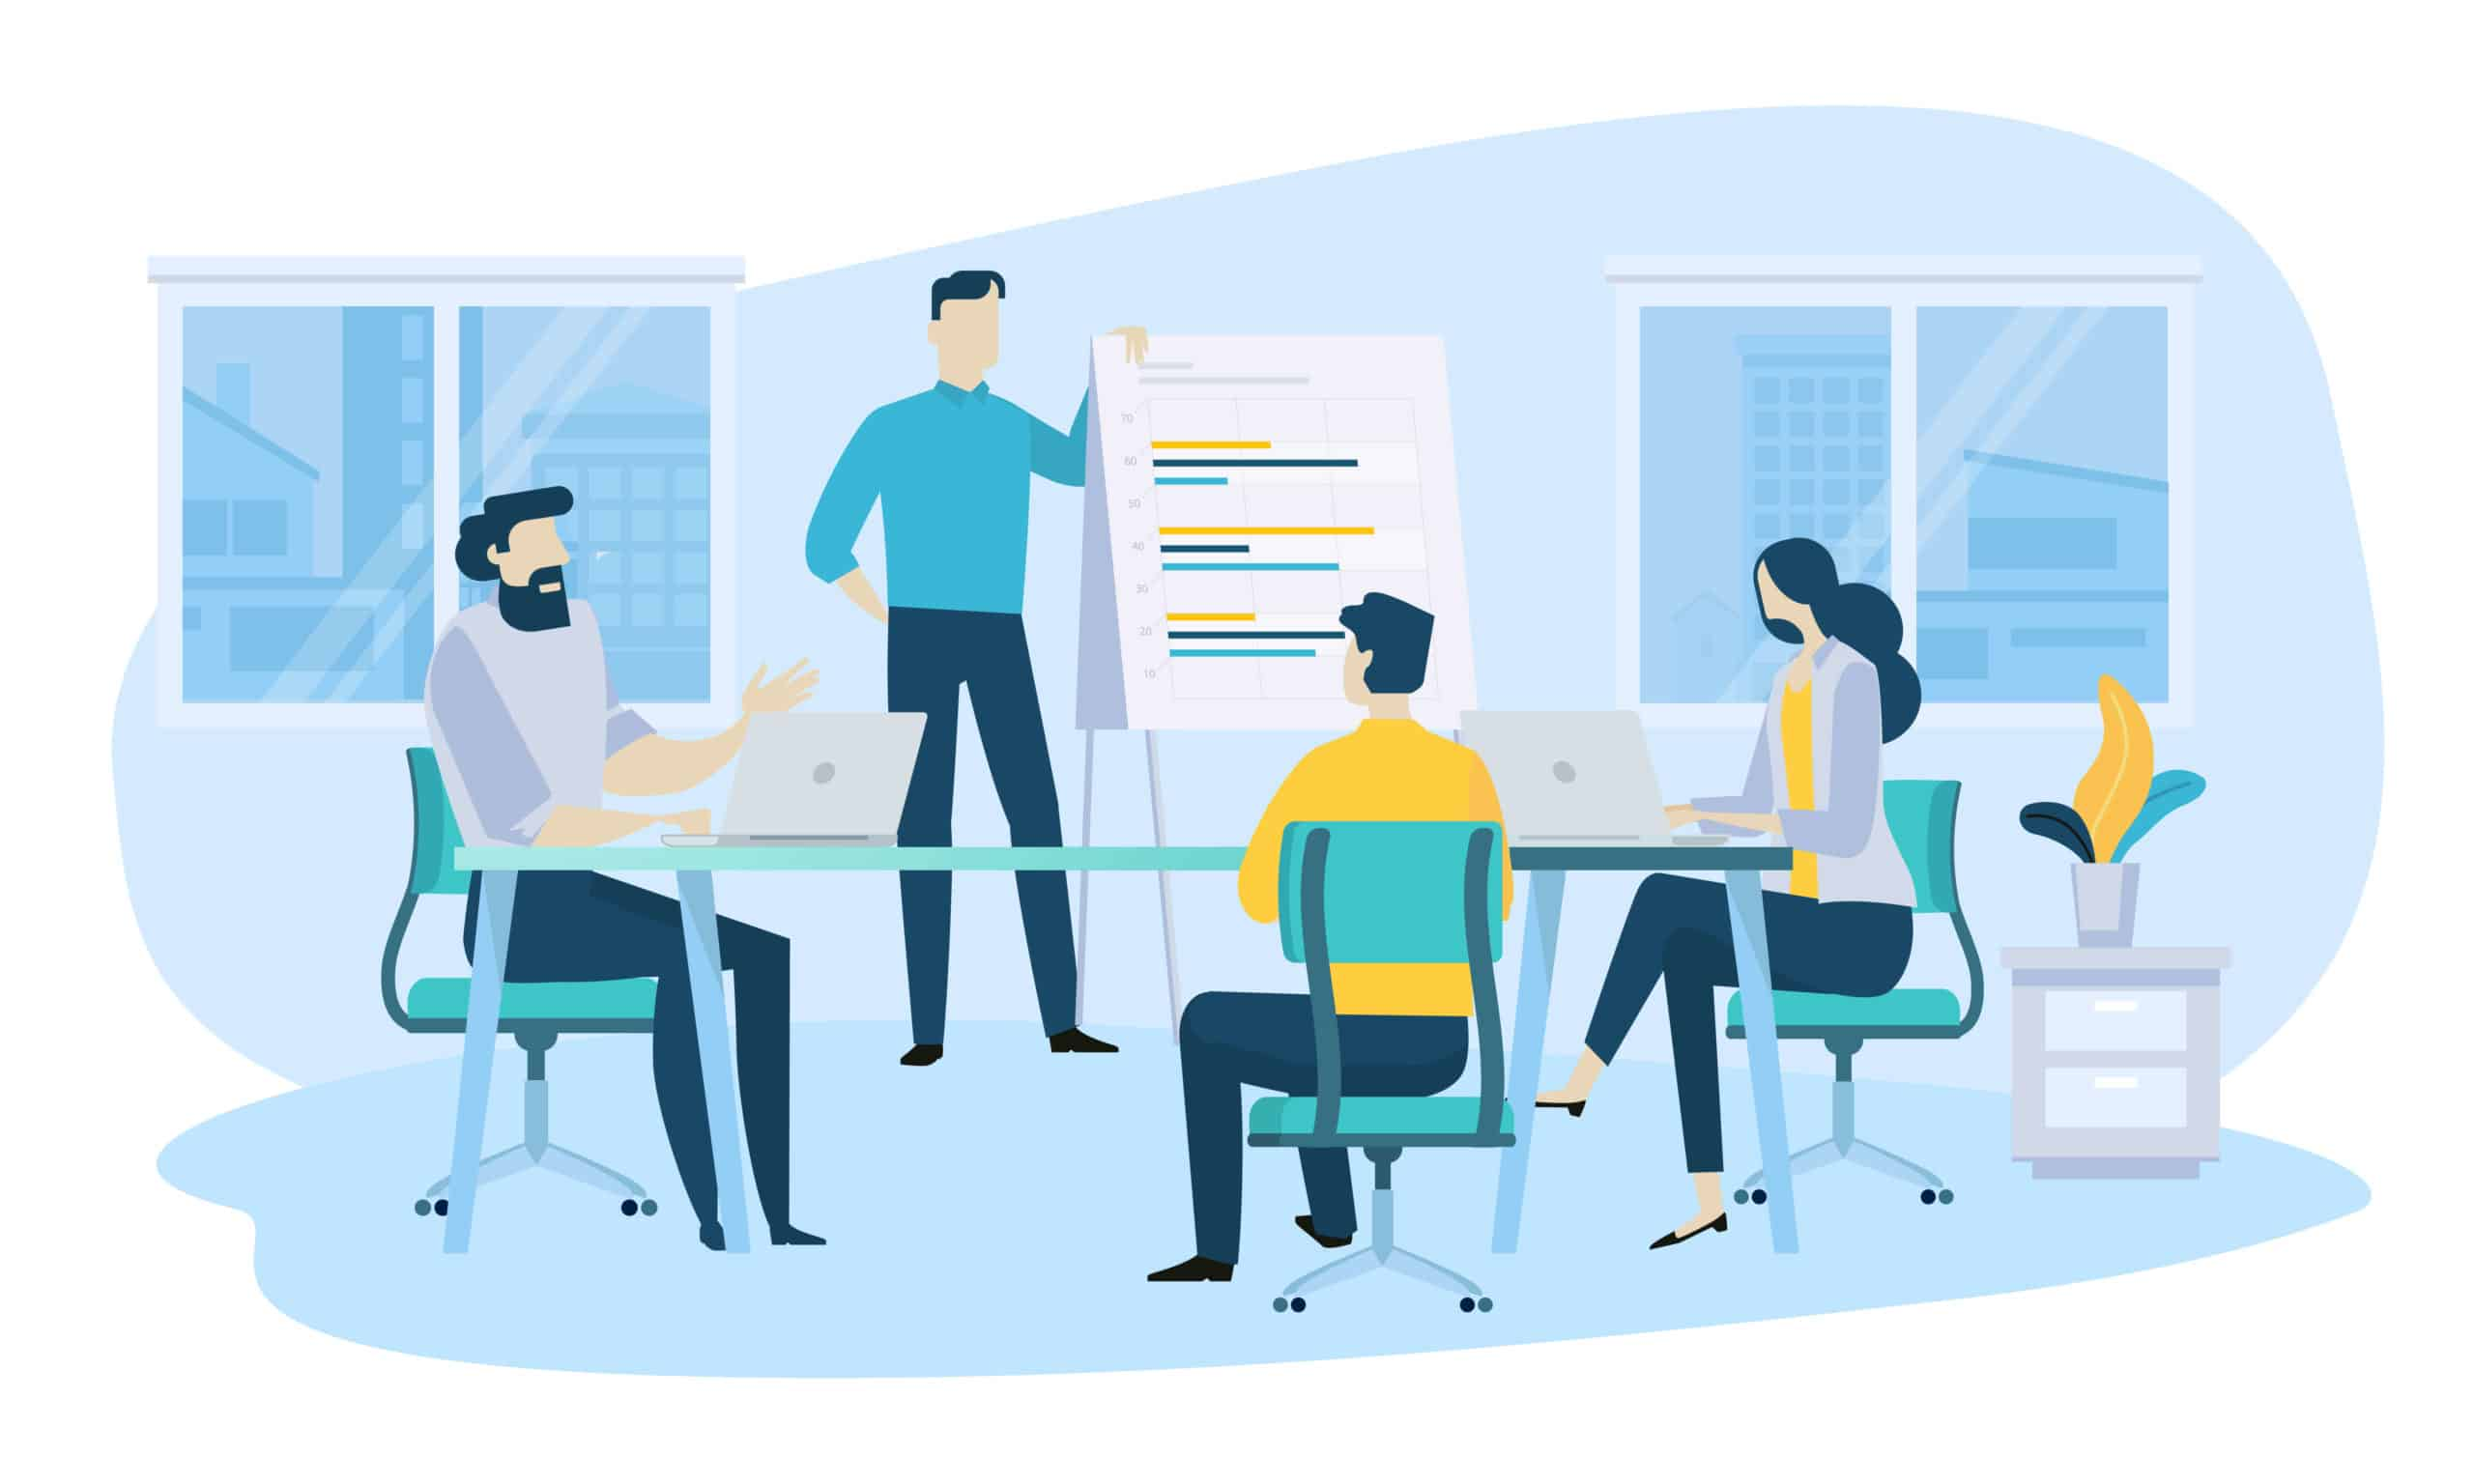 project management, agile project management, productivity, scrum 2020